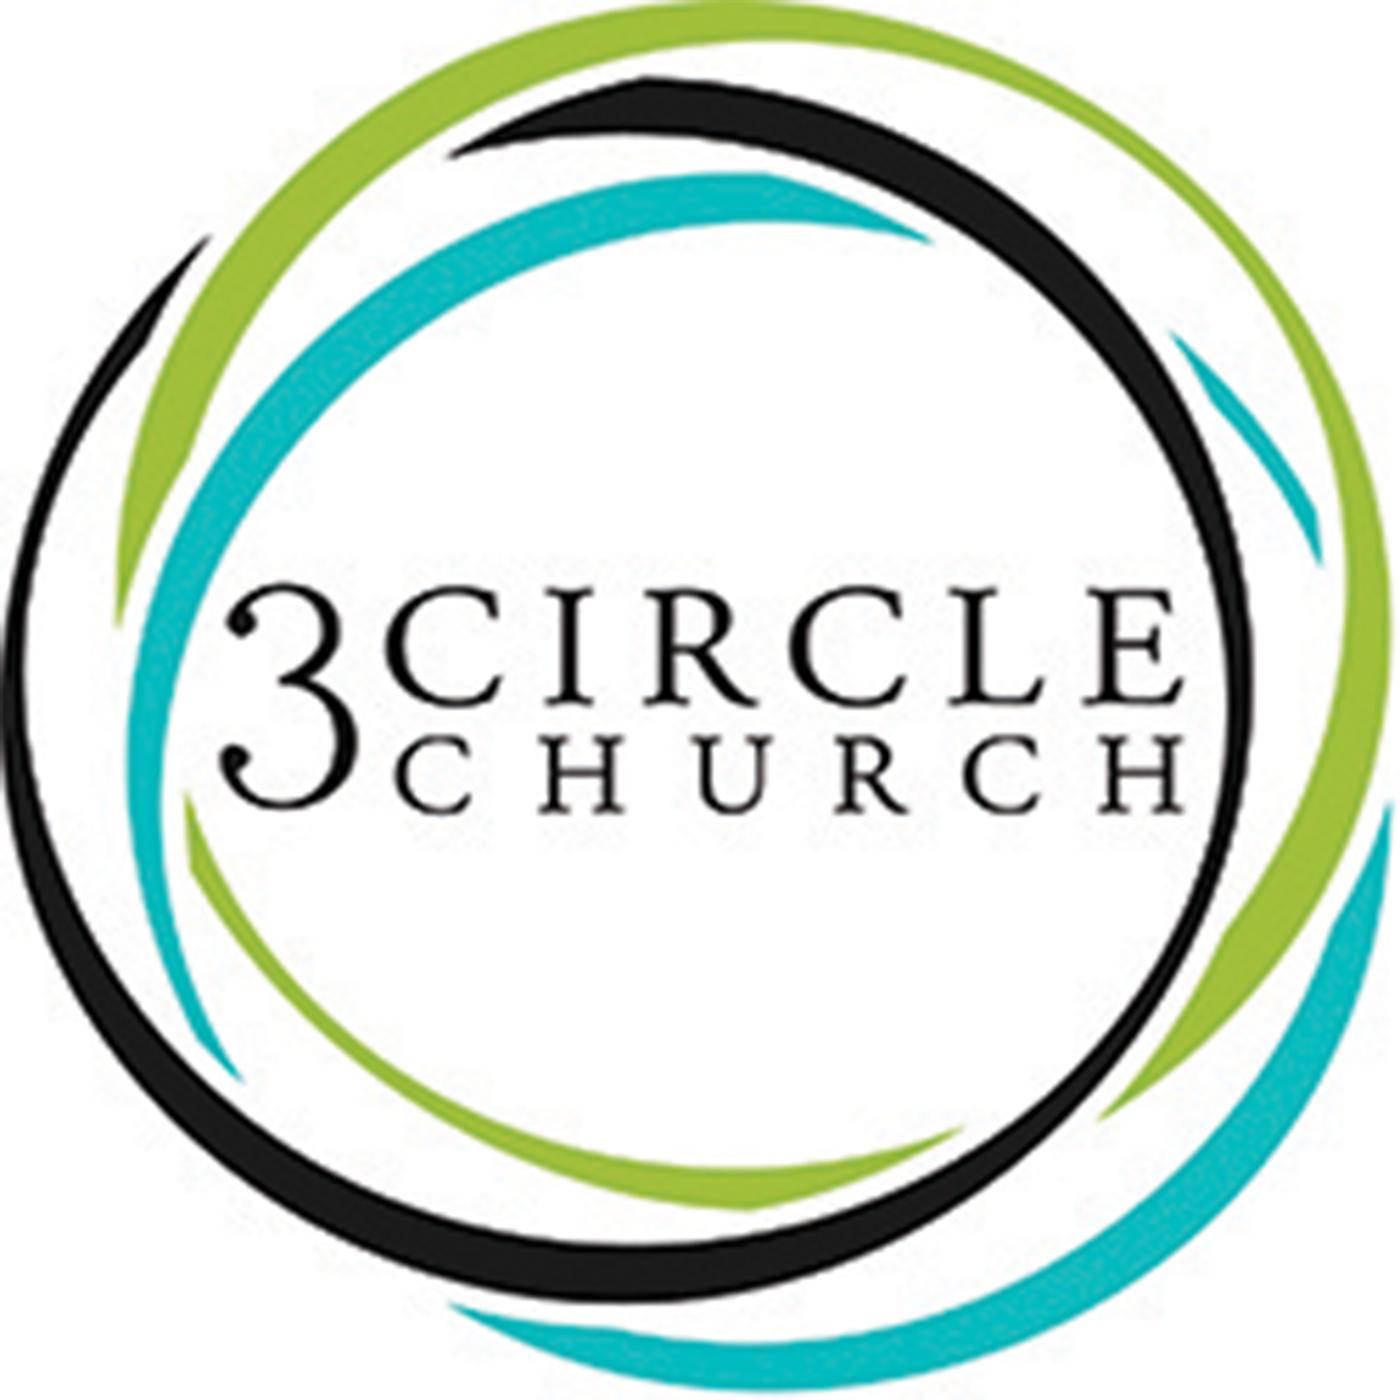 3Circle Church